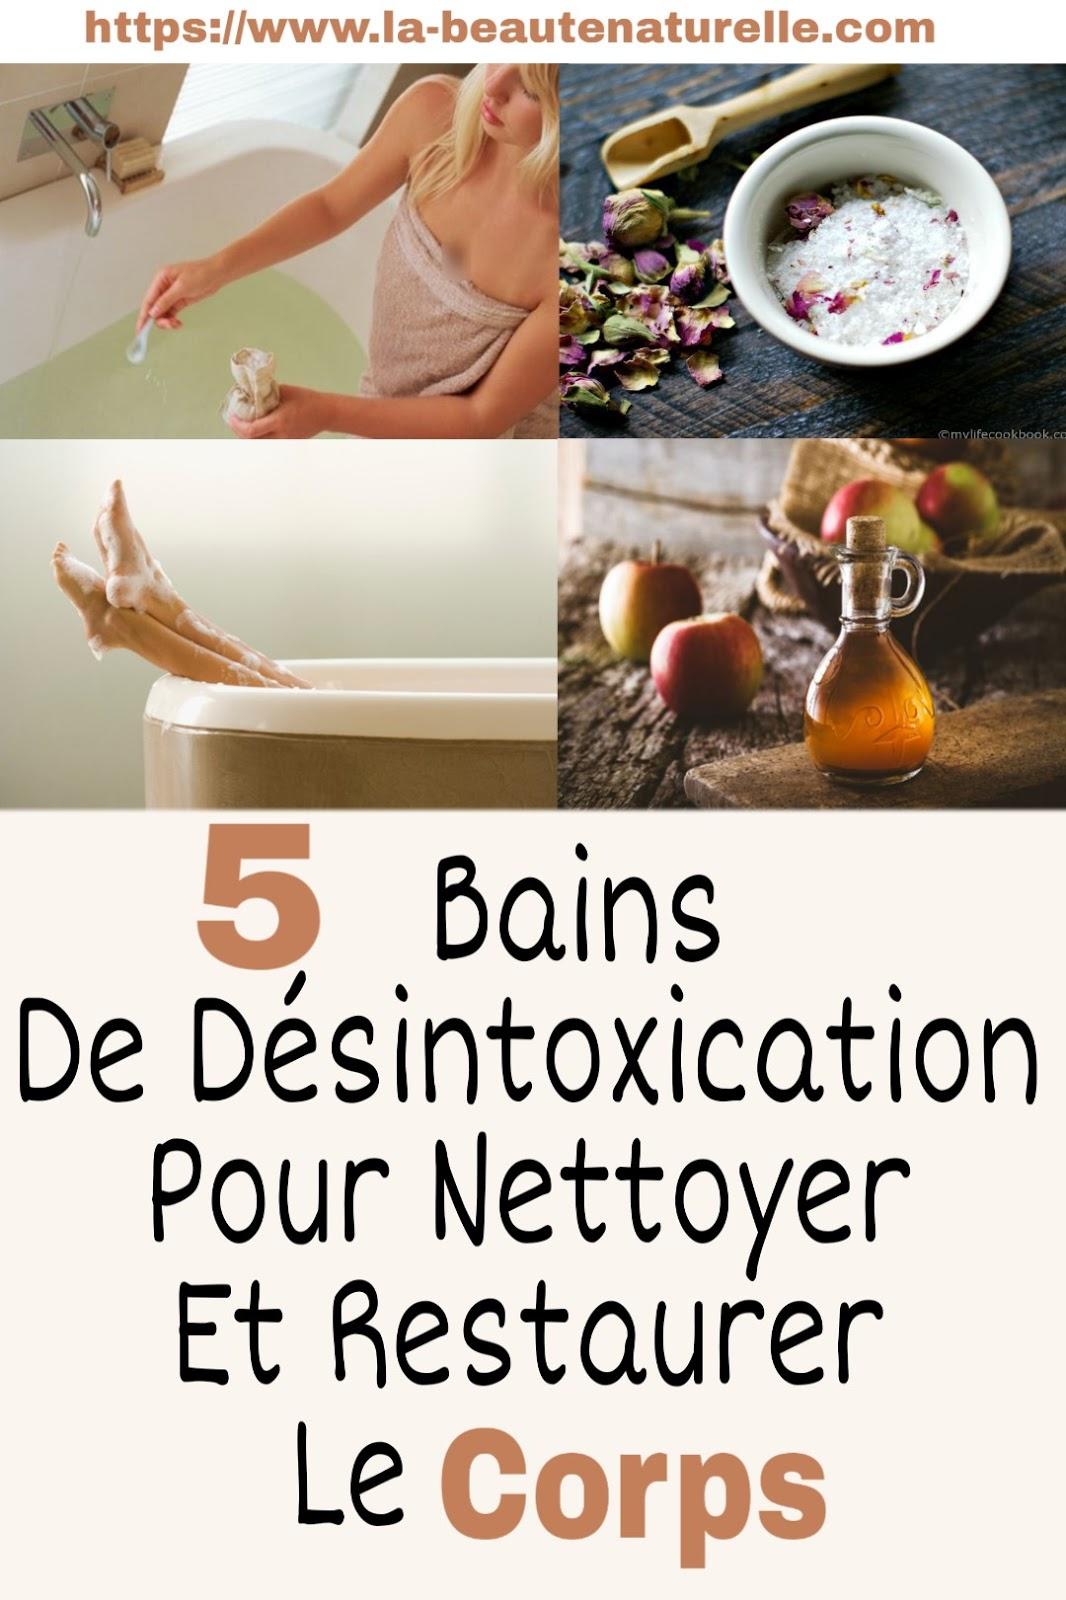 5 Bains De Désintoxication Pour Nettoyer Et Restaurer Le Corps